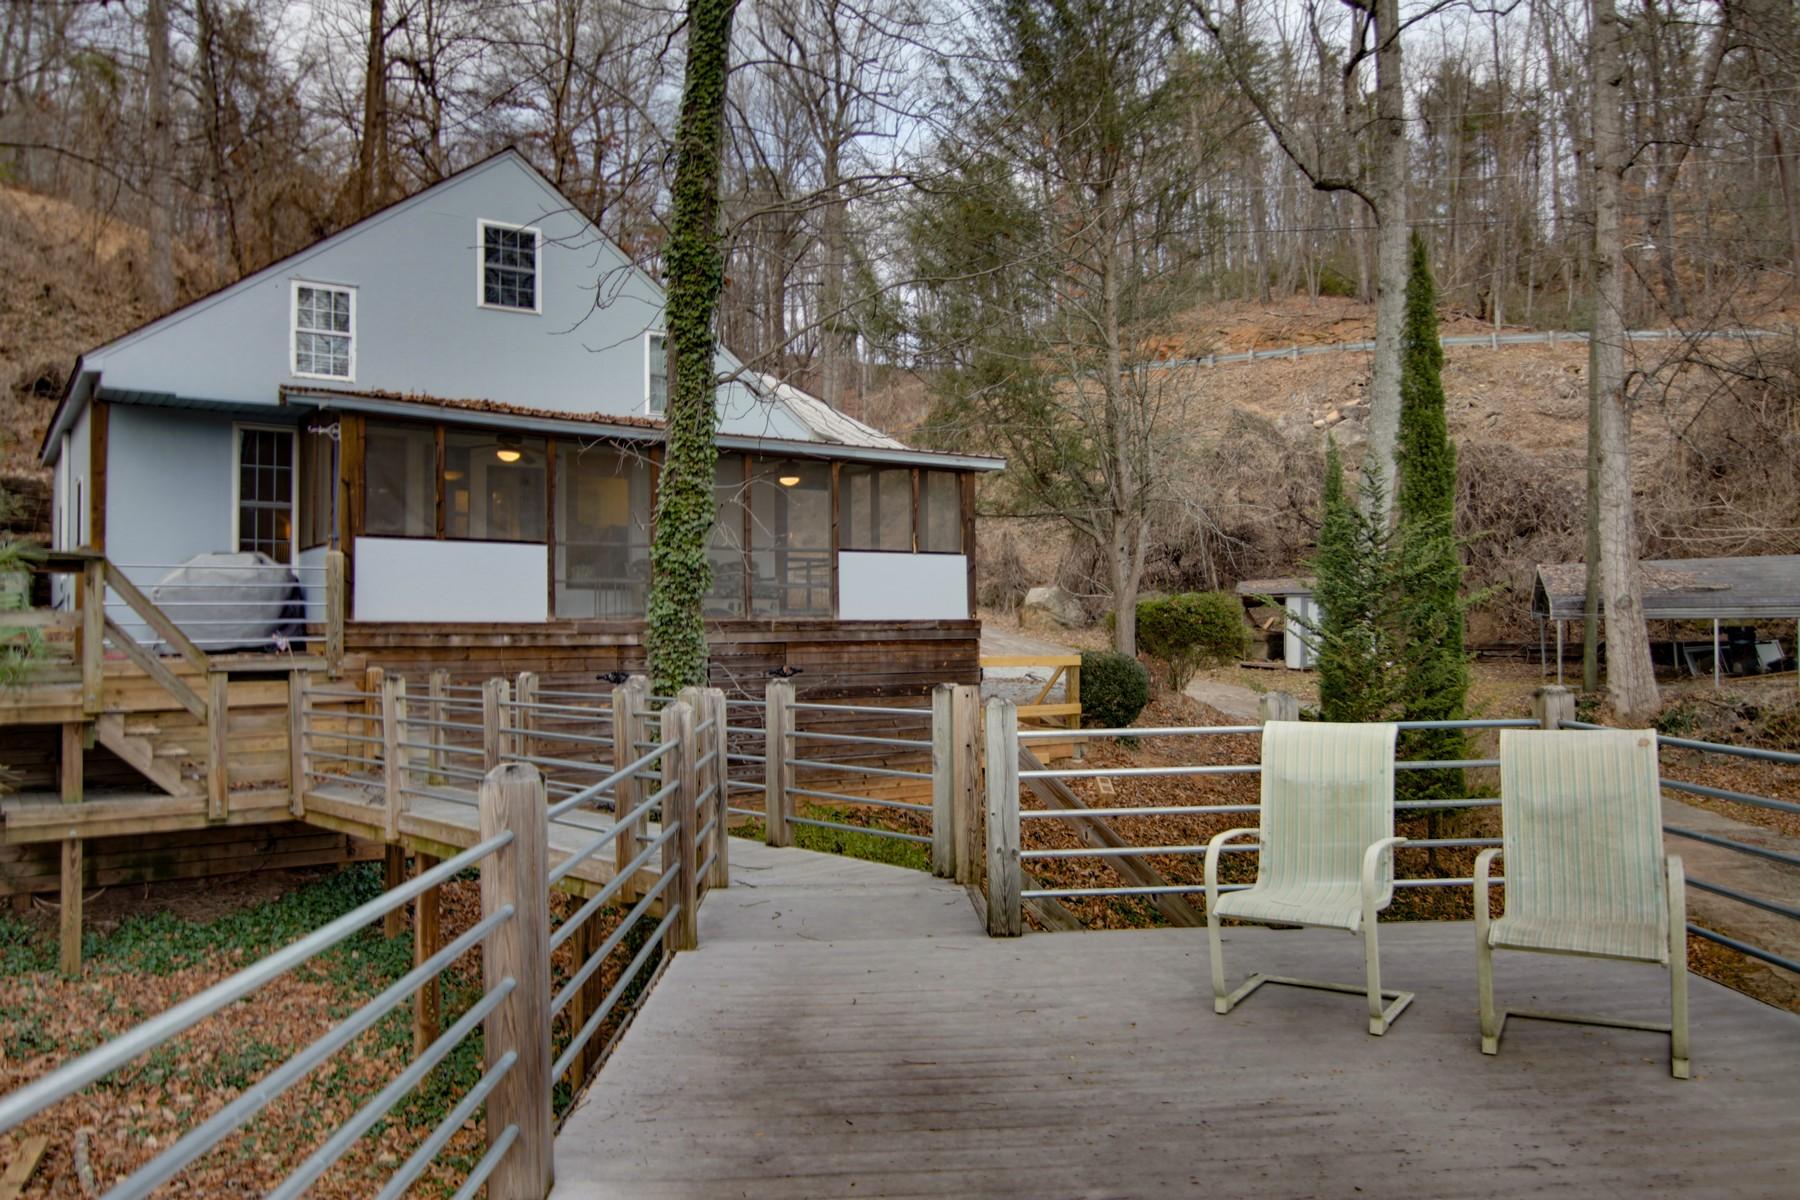 Casa Unifamiliar por un Venta en 132 Rock Crest Cove, Lake Lure, NC Lake Lure, Carolina Del Norte, 28746 Estados Unidos